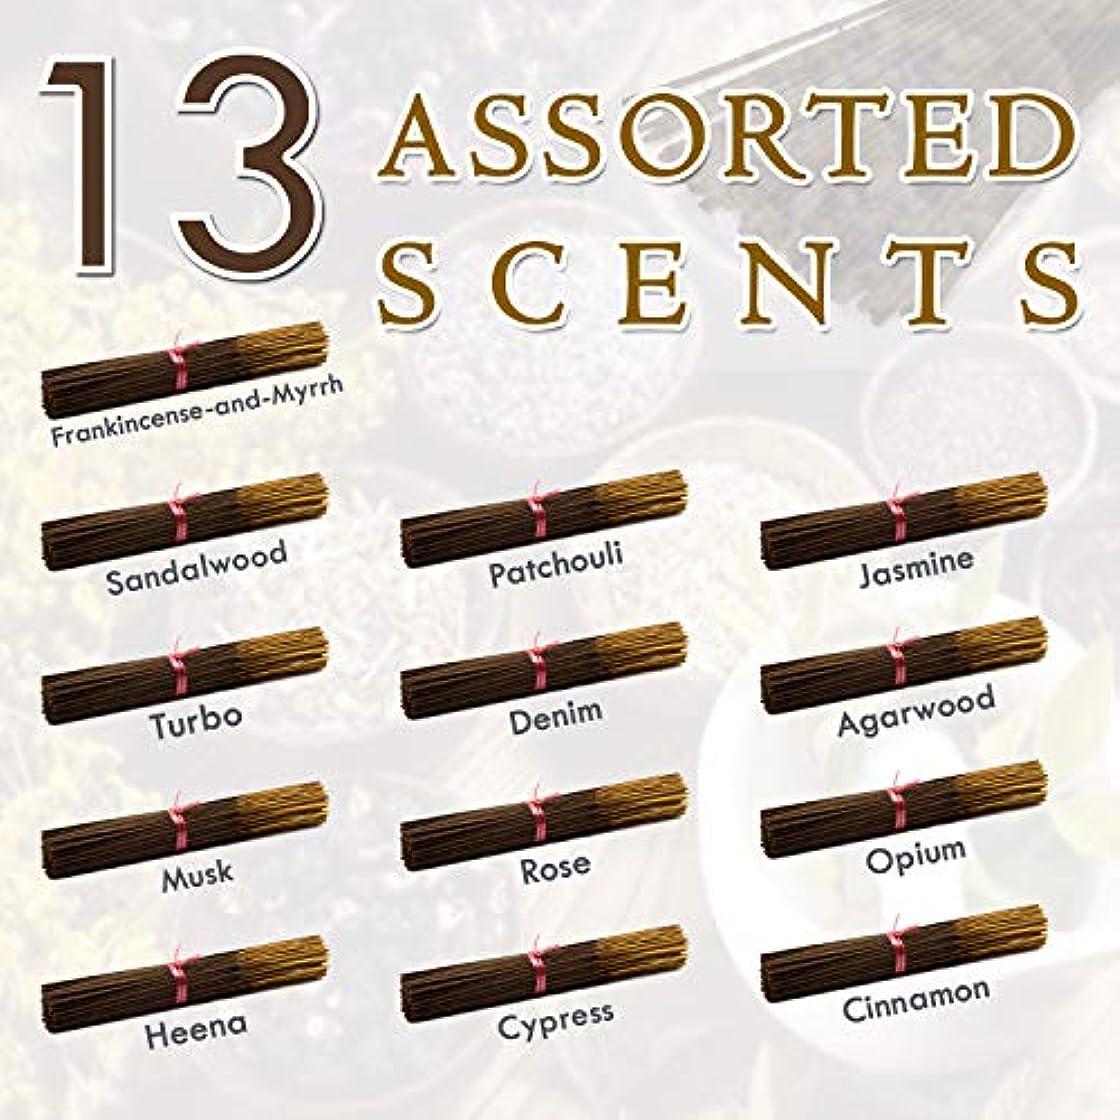 放棄ためらう守る独占的な12種類の香り-乳香-ミルラ-サンダルウッド-パチョリ-ジャスミン-トゥルボ-デニム-ガーウッド-ム-ム-オピウム-ヘナ-サイプレス- 100%-天然インセンス-スティックハンドメイド - 手作り - 240-パック -